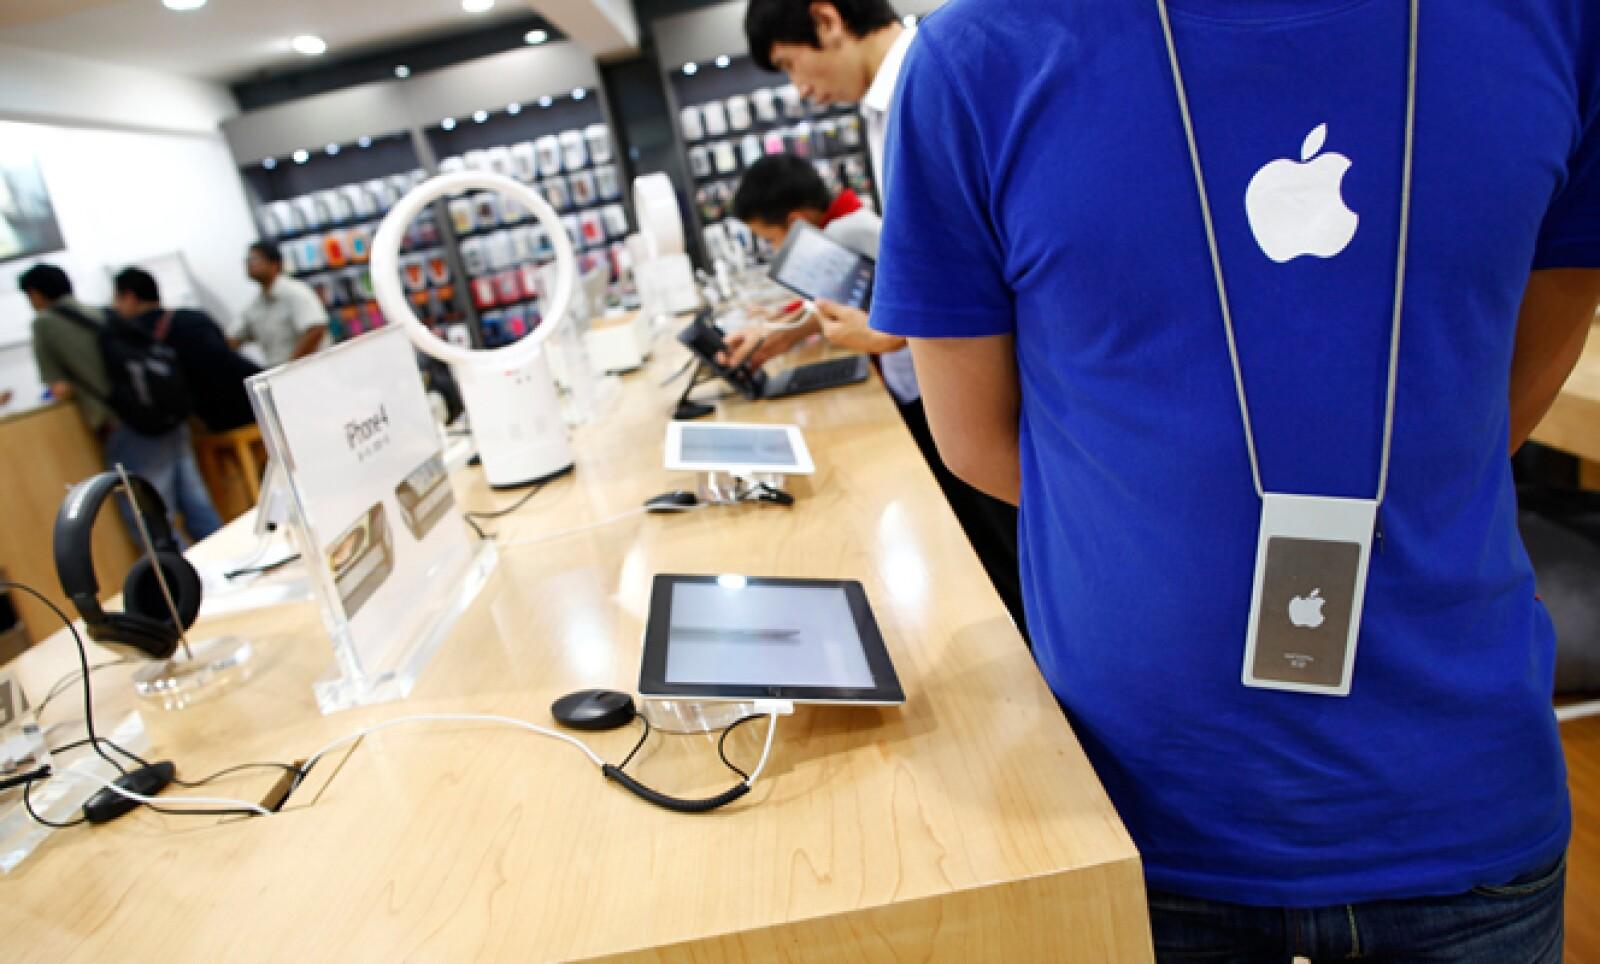 Las imágenes muestran un detalle espectacular no sólo en los productos, sino en la experiencia de compra.